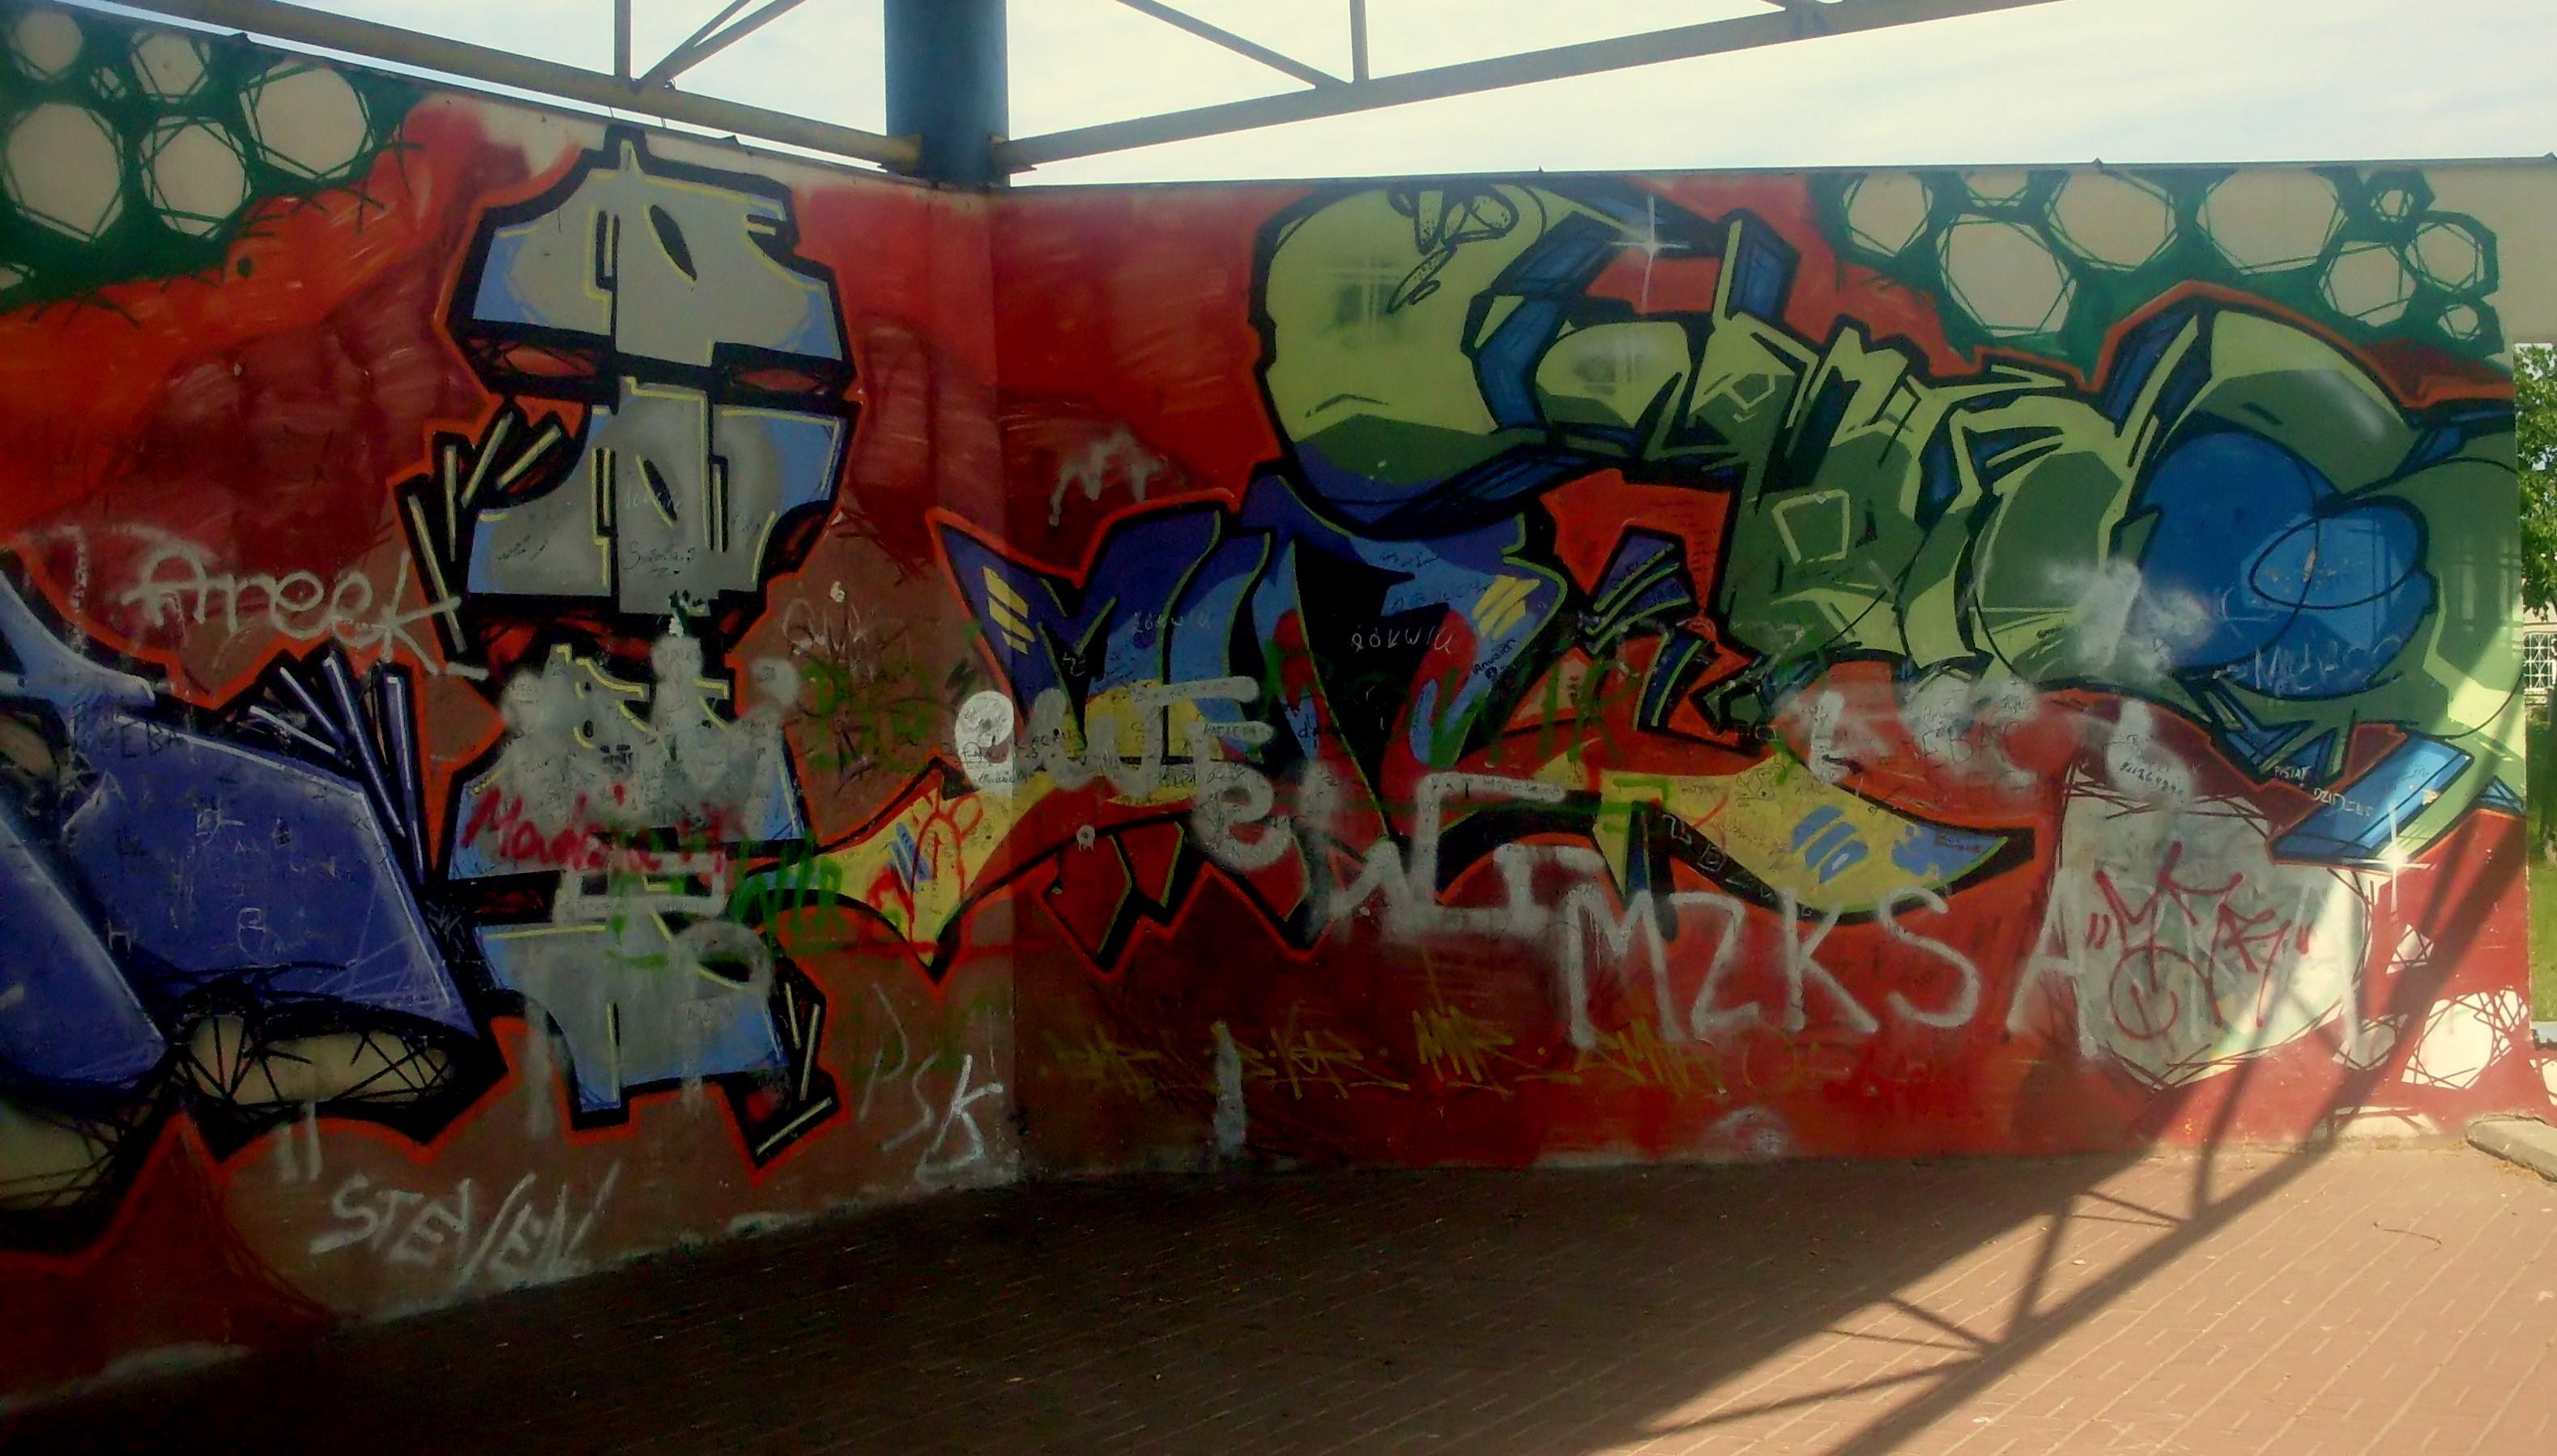 Filegraffiti at city park in gdynia obluze 4 jpg